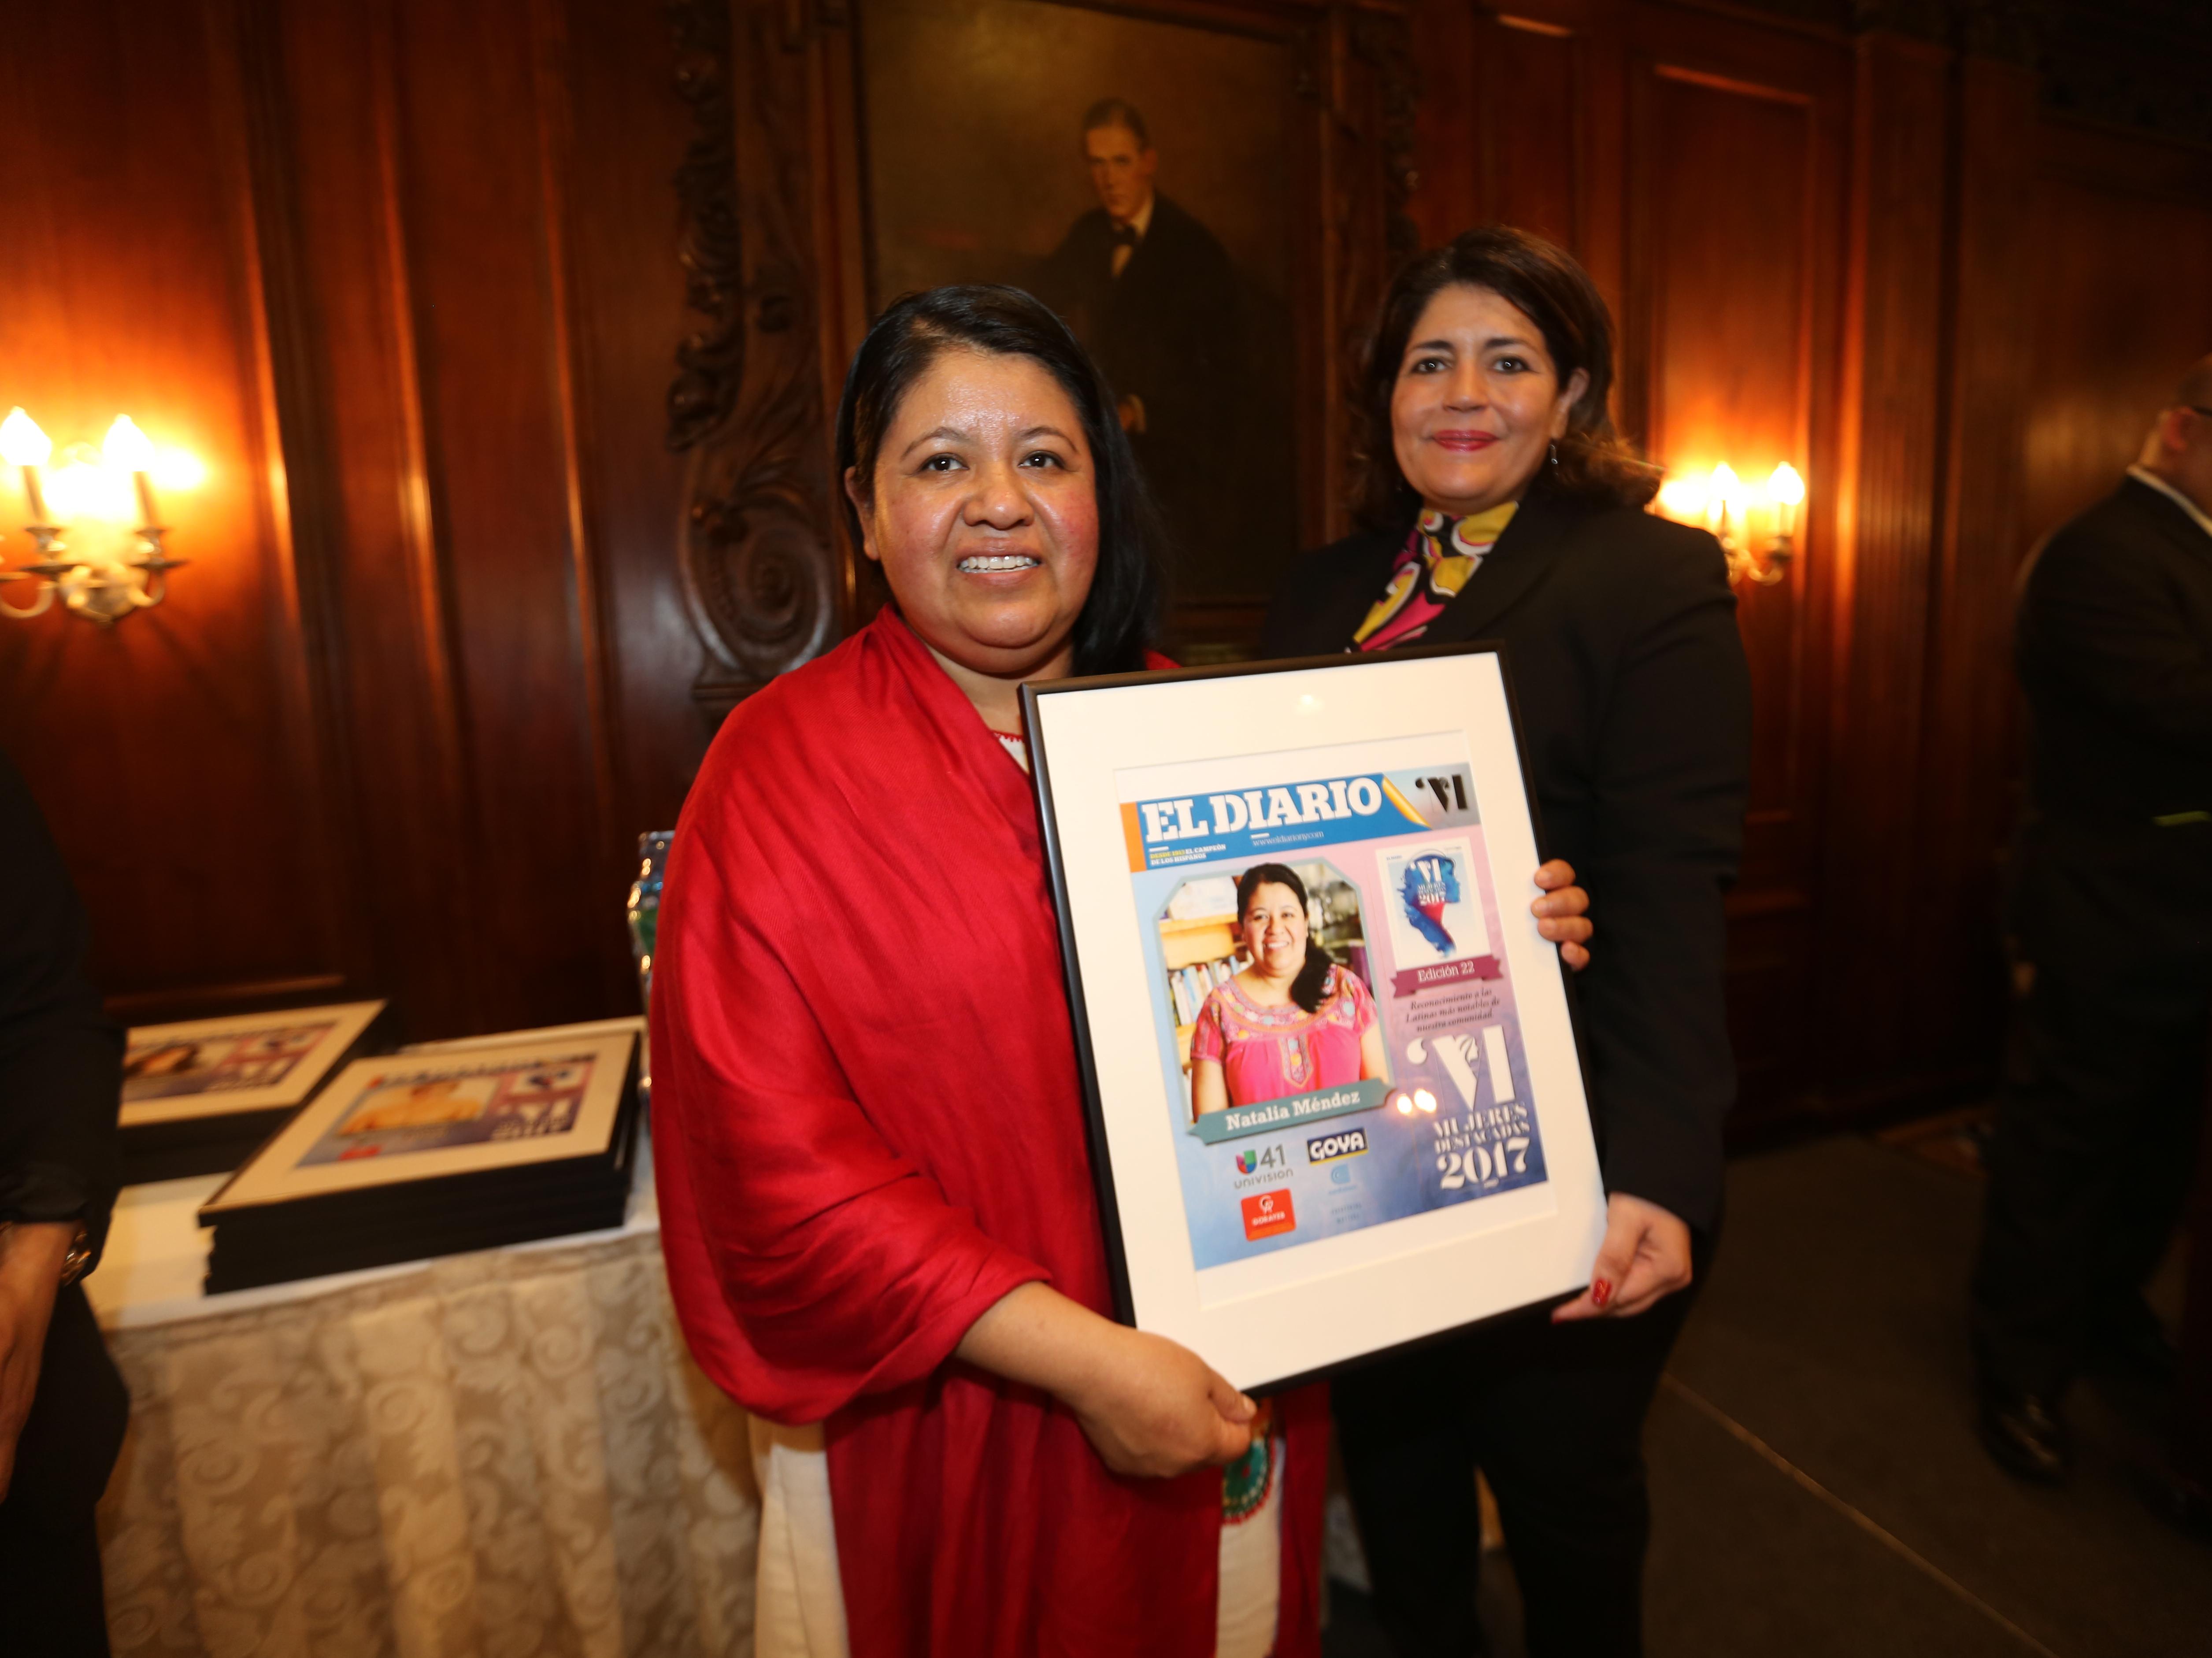 Destacada de 2017, Natalia Mendez. Mujeres Destacadas 2017 en el Harvard Club